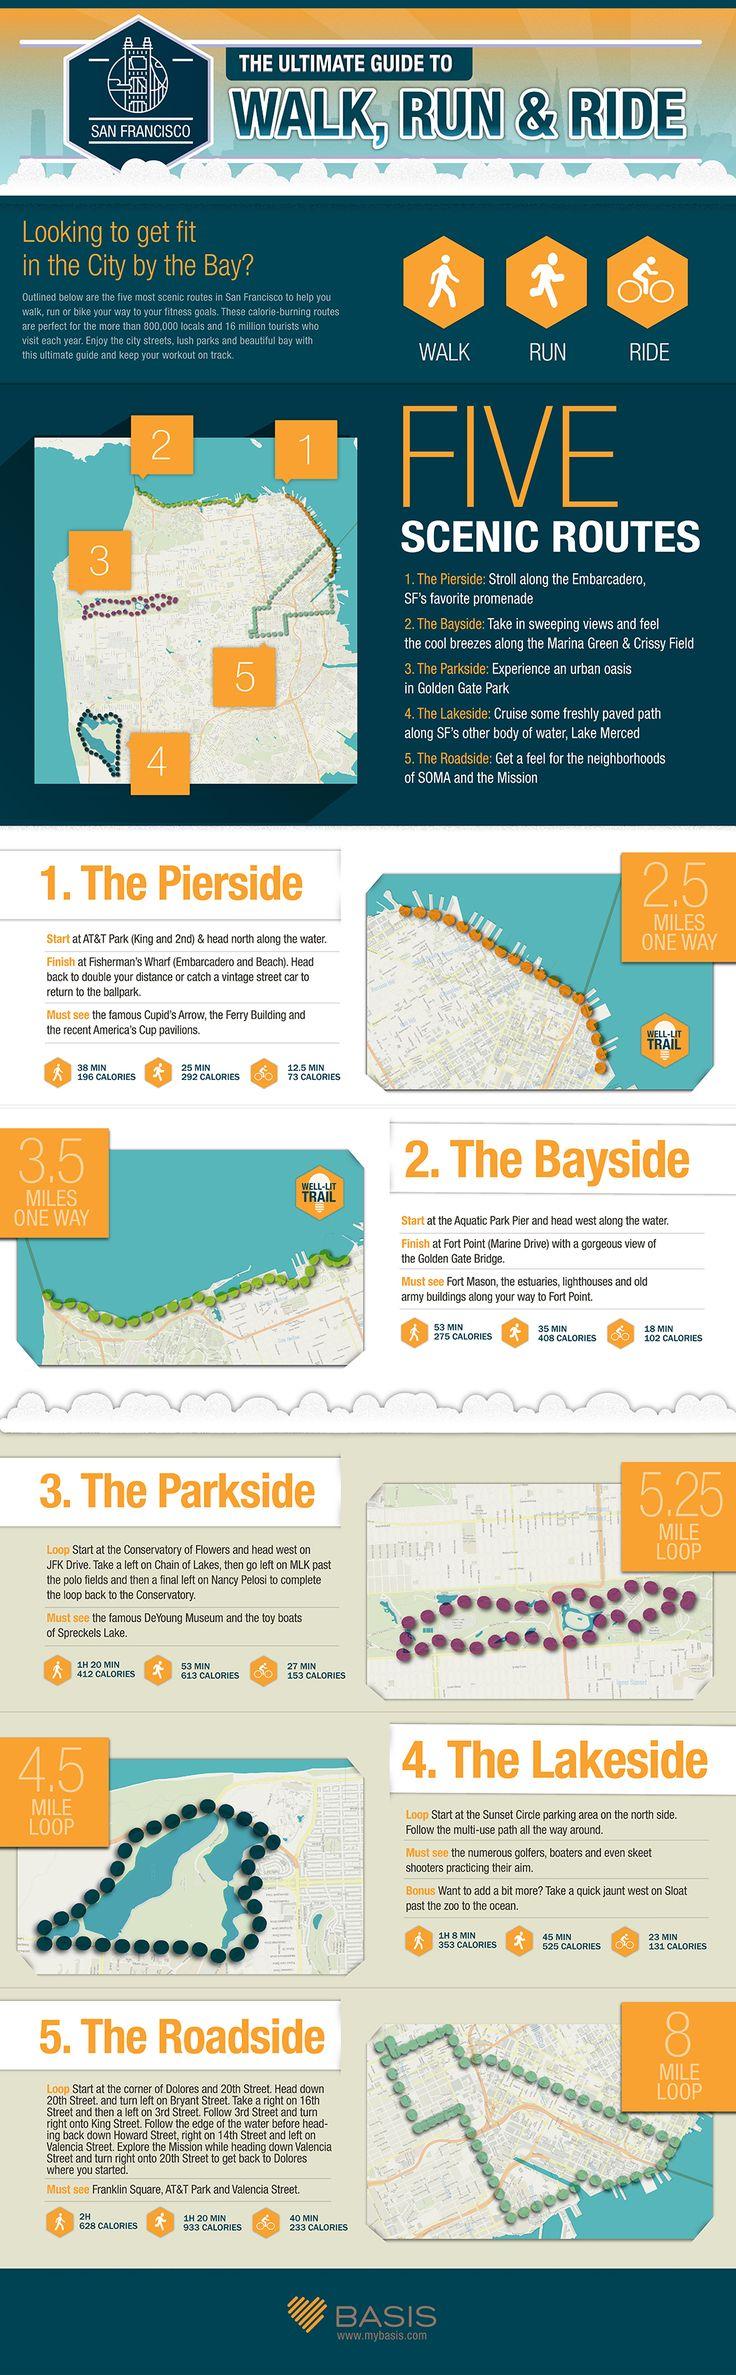 San Francisco - Walking/Running Routes